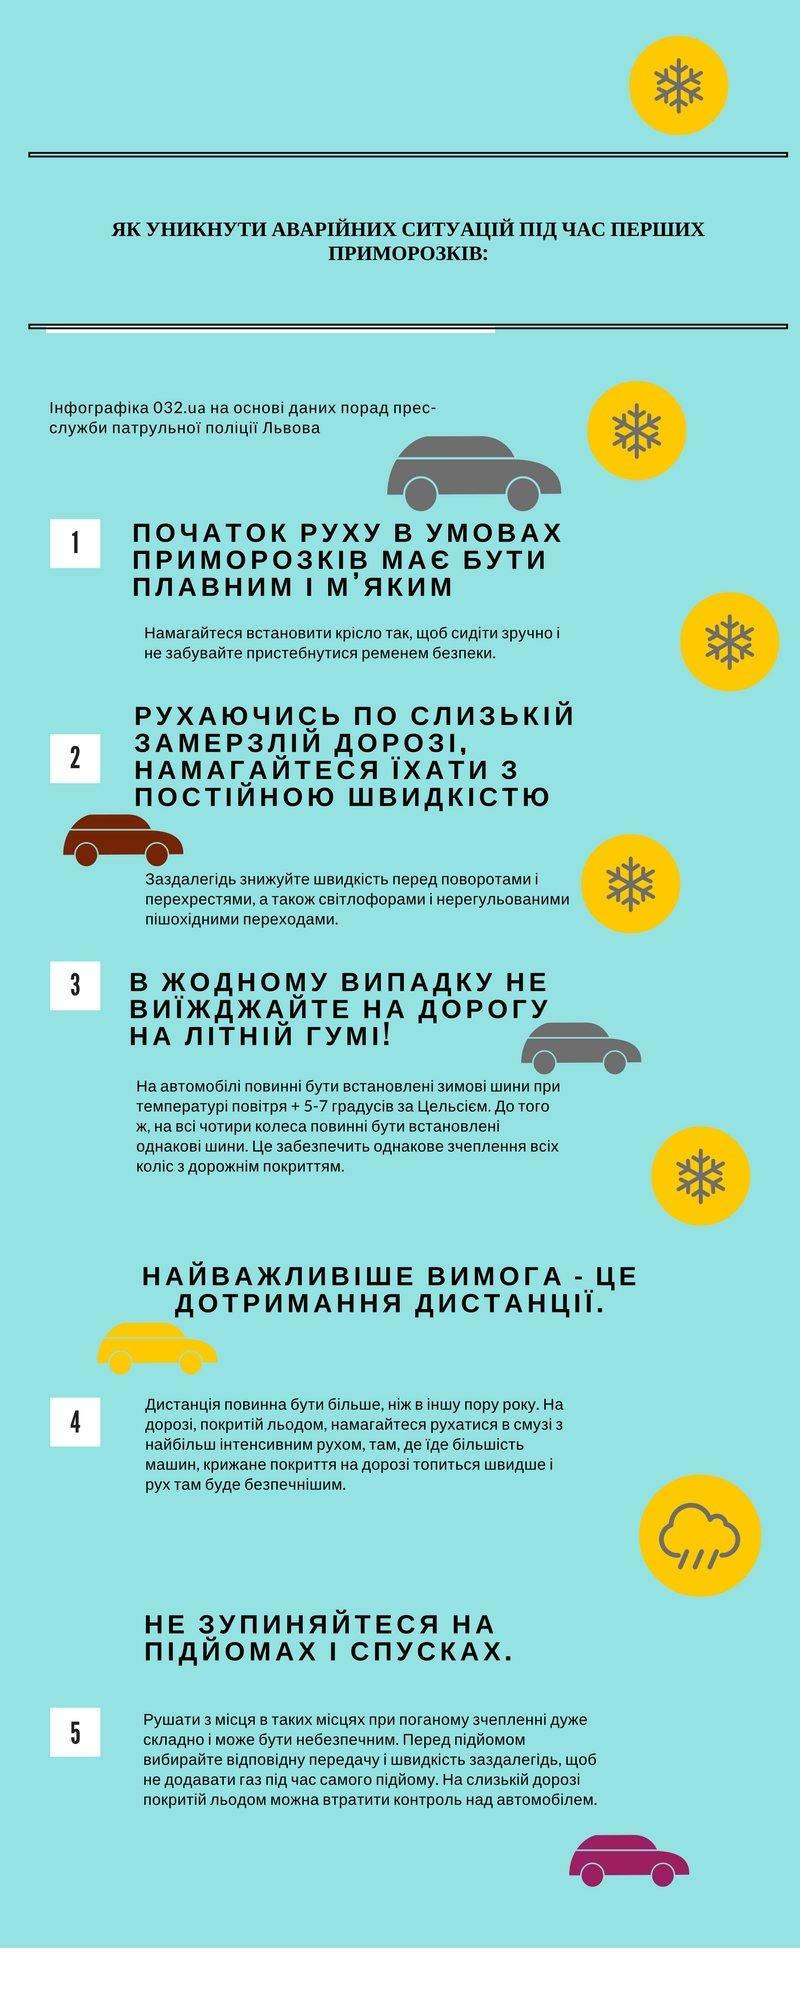 Львів. Стан аварійності на дорогах